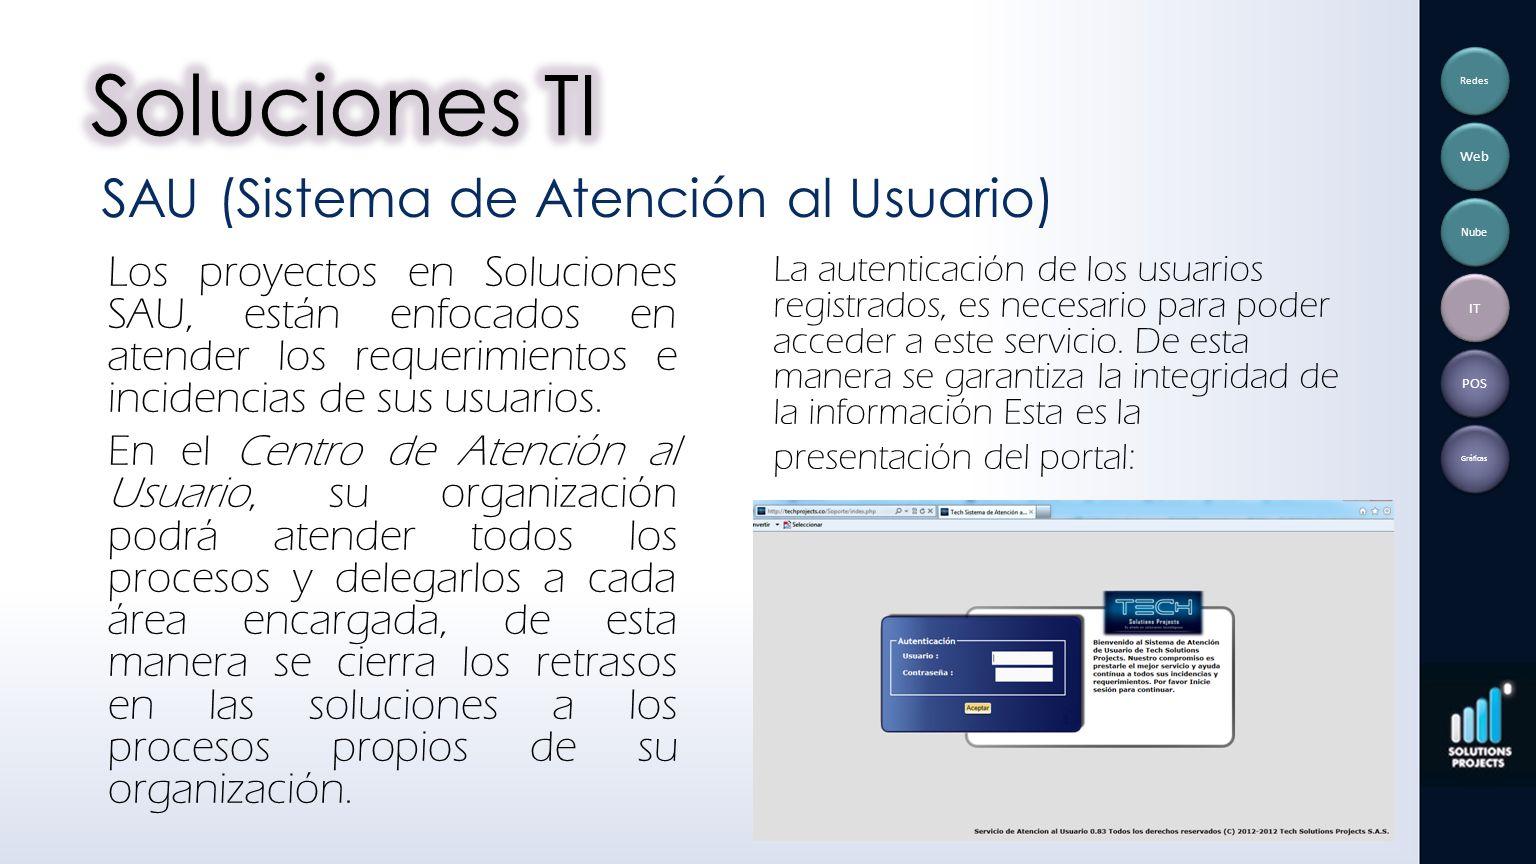 Soluciones TI SAU (Sistema de Atención al Usuario)